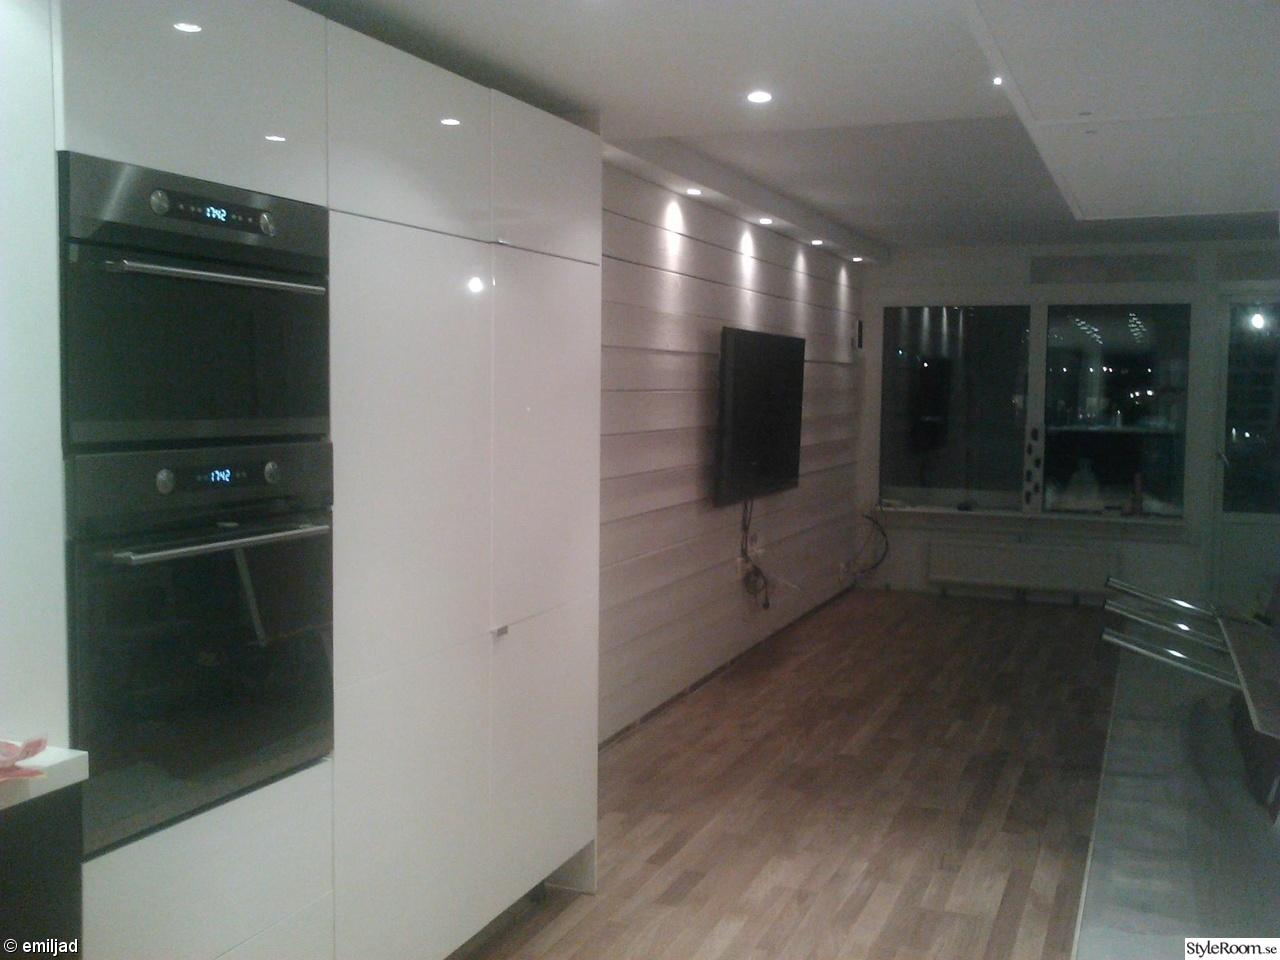 Hogblankt Vitt Golv Till Kok : kok vitt golv  ekparkett,golv,rospont,vitt kok,hogblankt kok